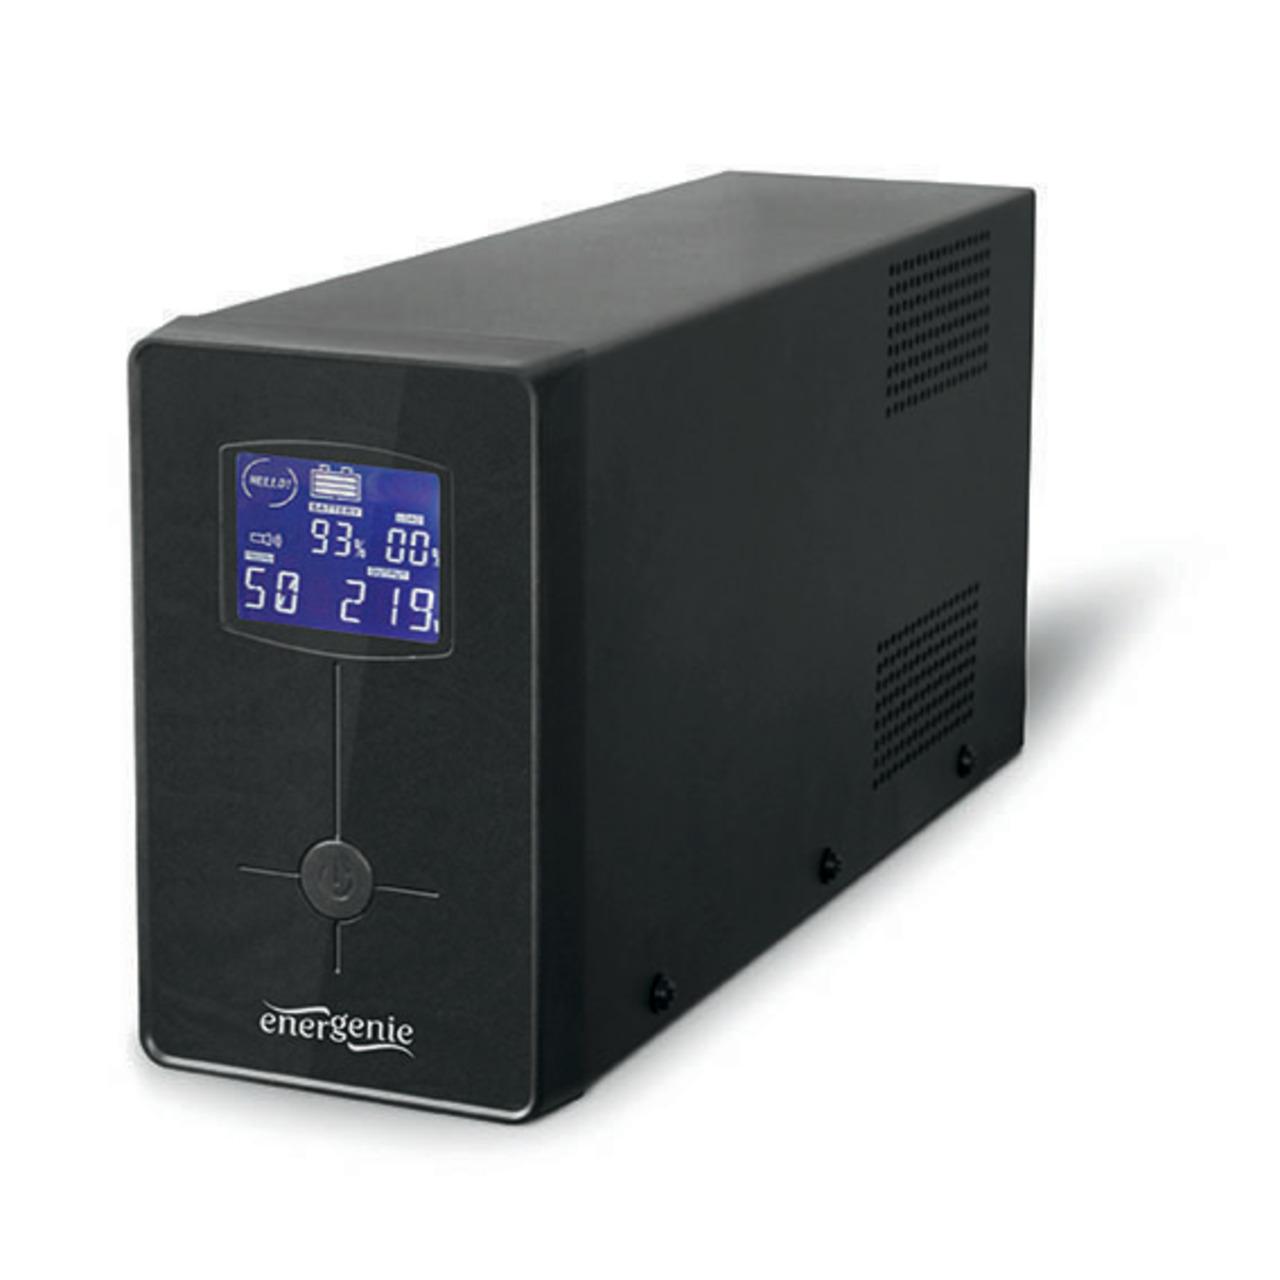 Energenie USV-Anlage mit LCD Anzeige- 850 VA- schwarz